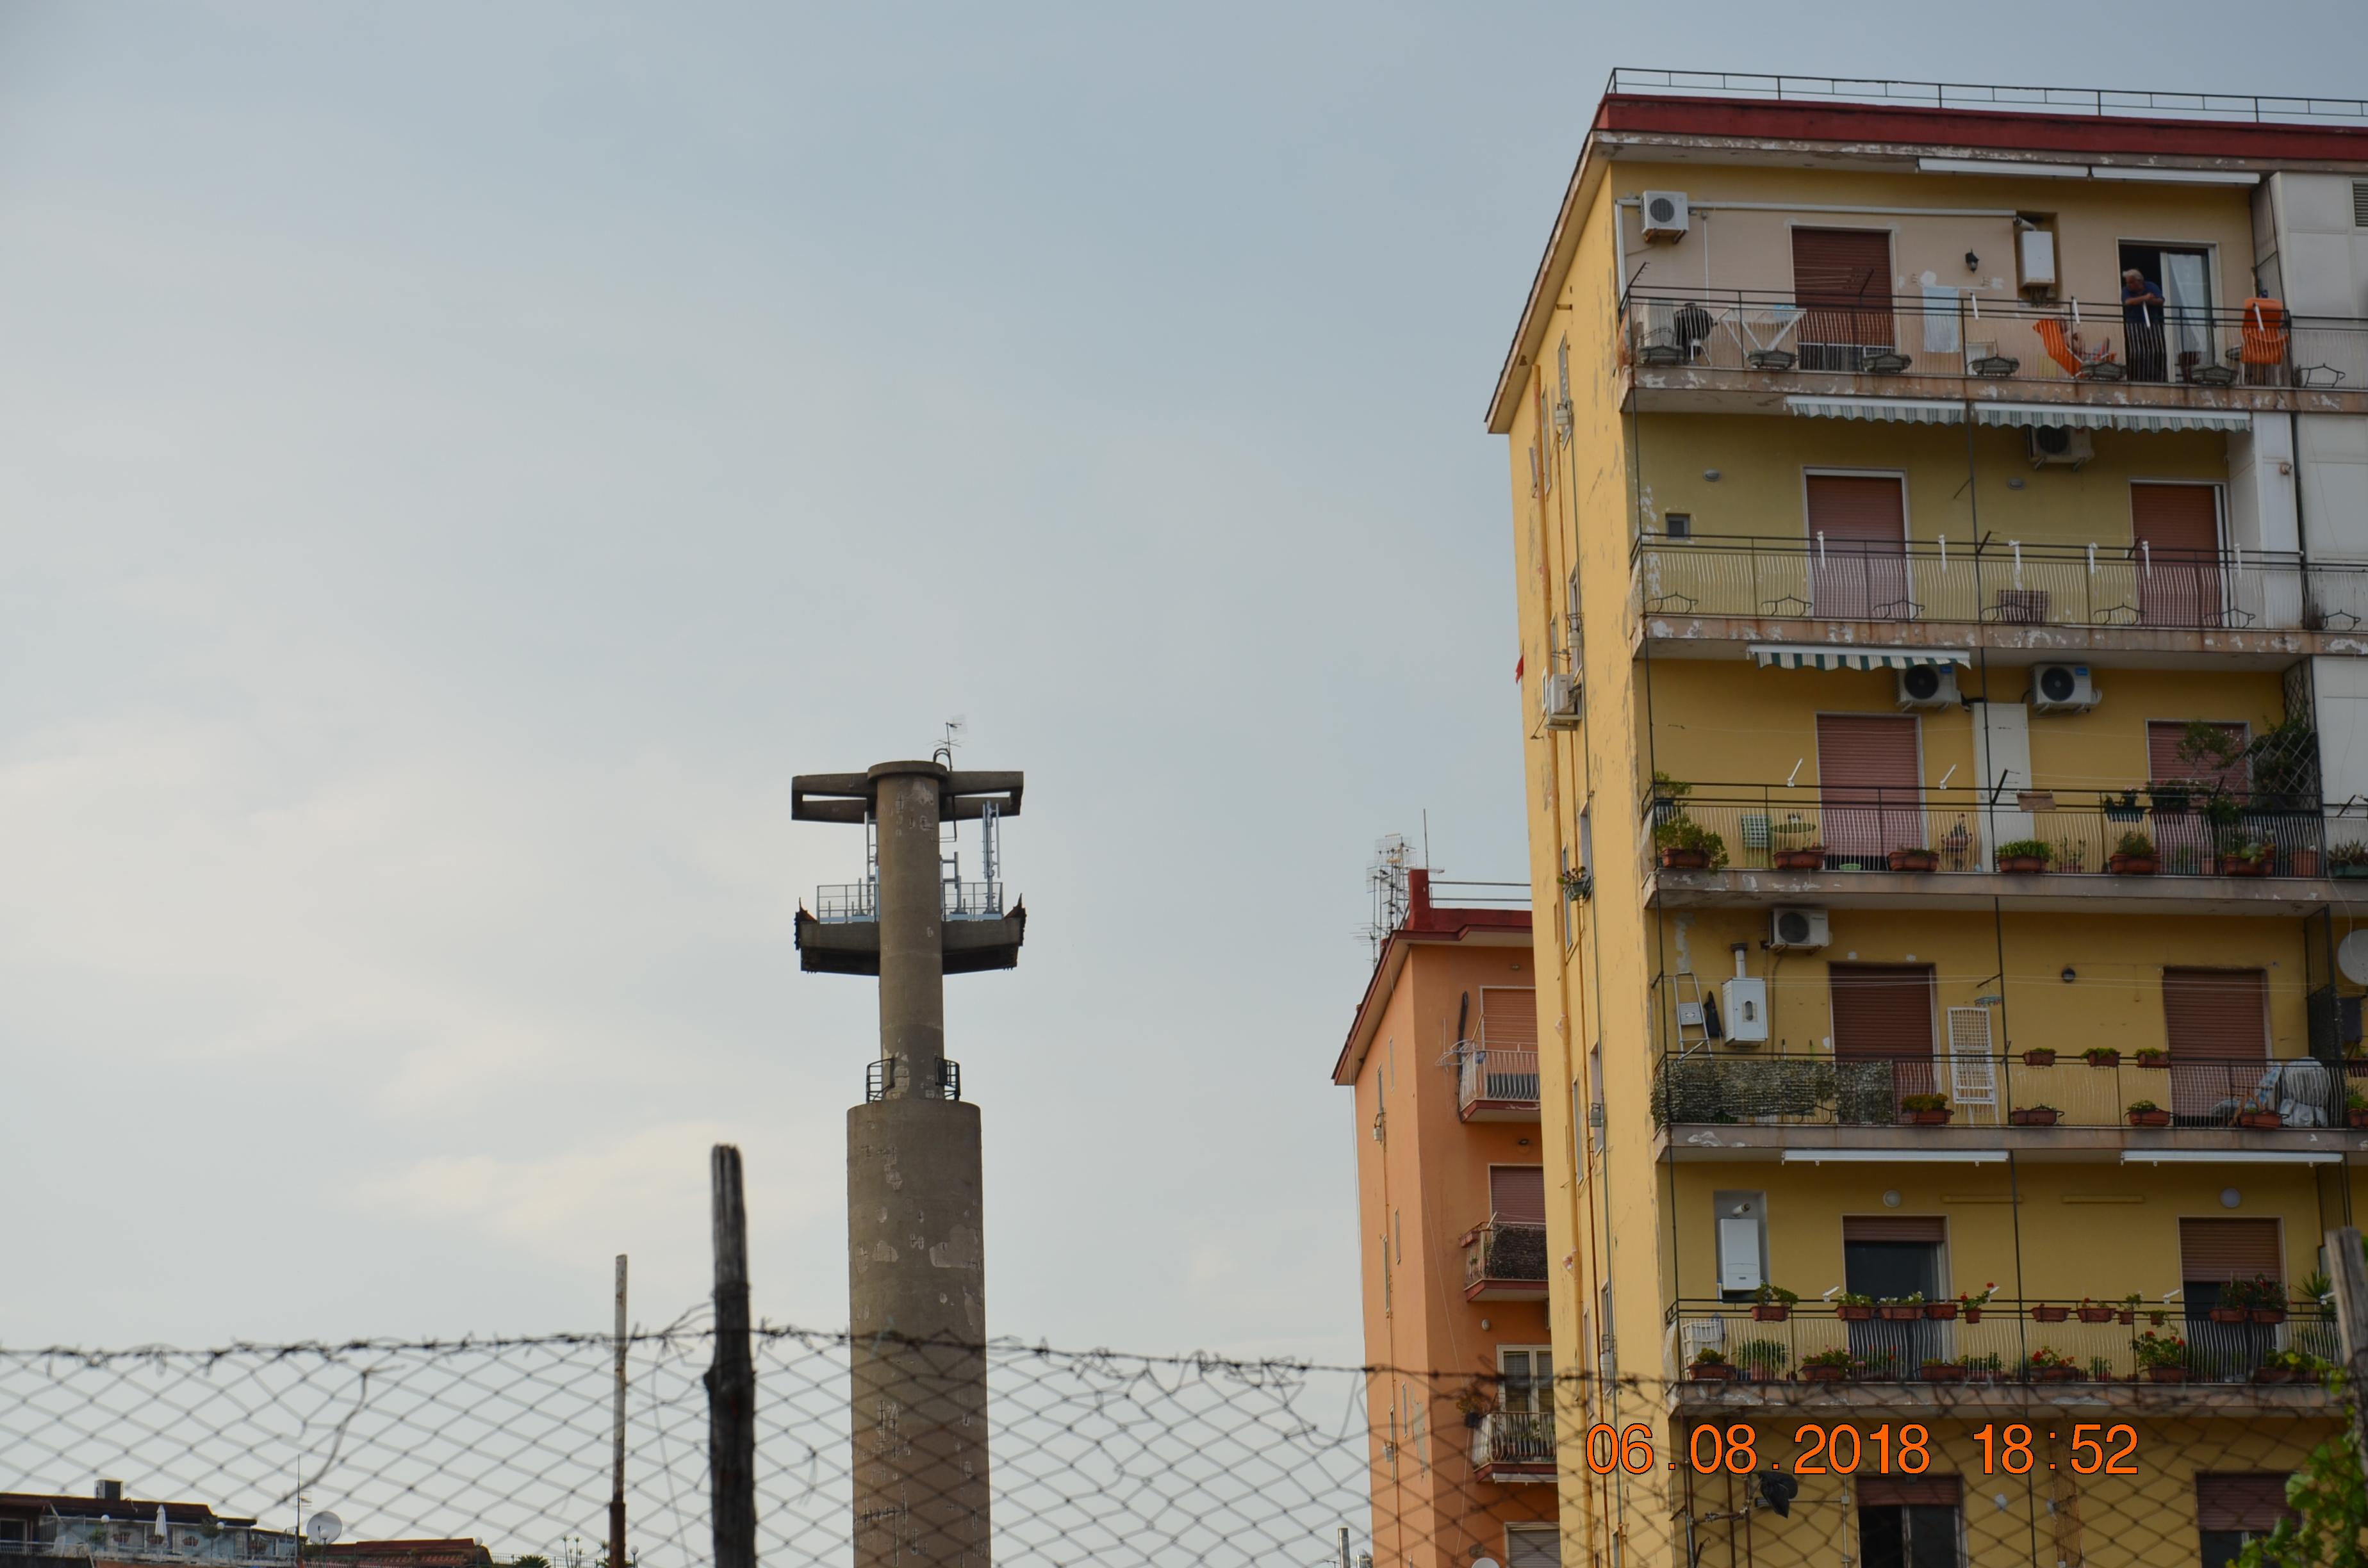 Ripetitori Cavalleggeri d'Aosta: Il Vice sindaco Del Giudice butta acqua sul fuoco